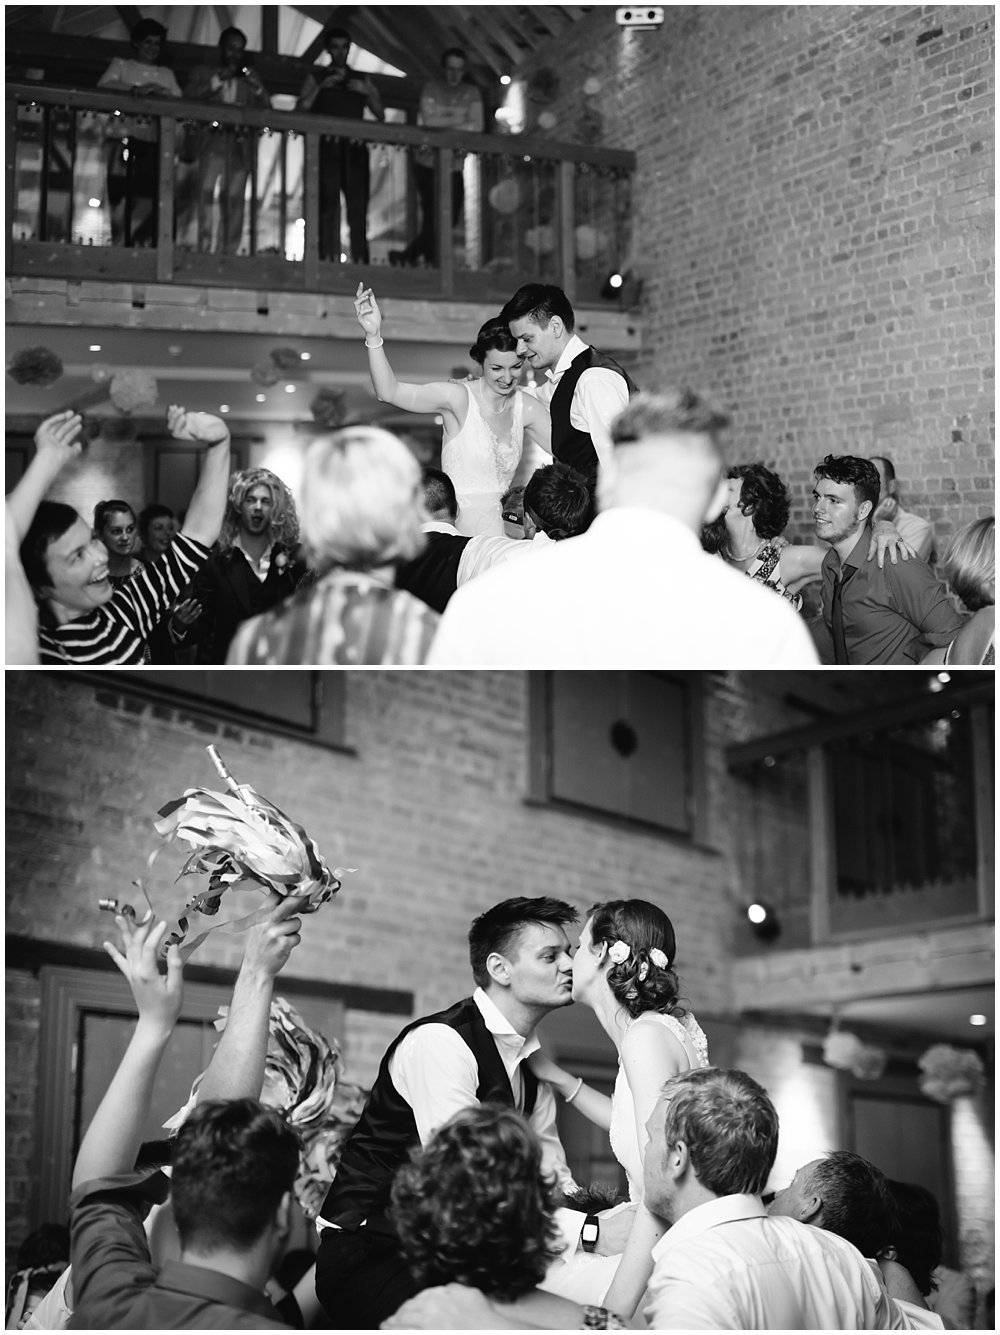 KATIE AND LUKE KIMBERLEY HALL WEDDING - NORWICH AND NORFOLK WEDDING PHOTOGRAPHER 3